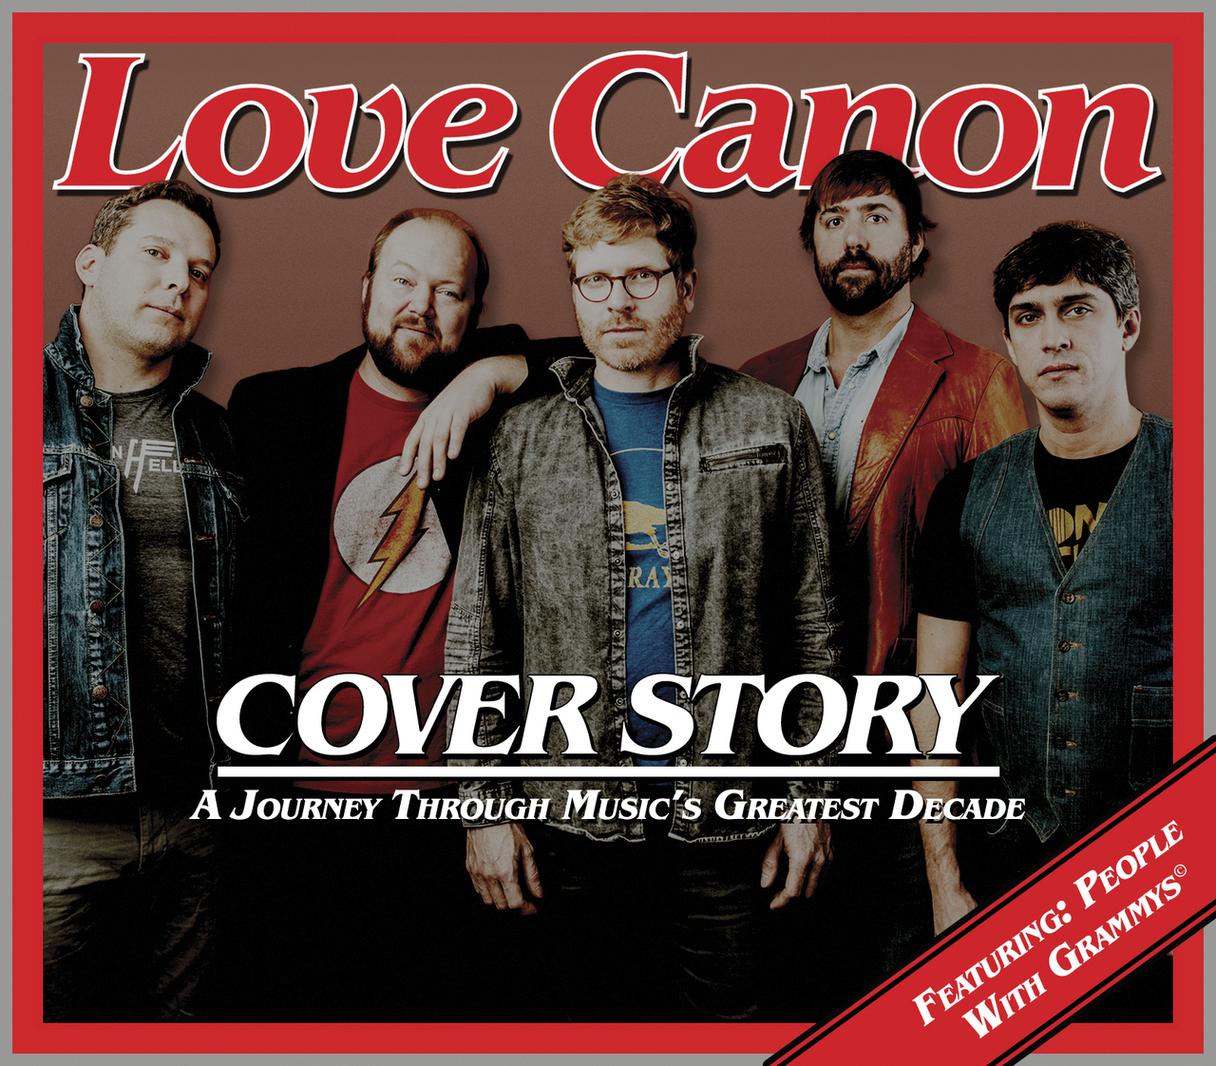 album cover art.jpg